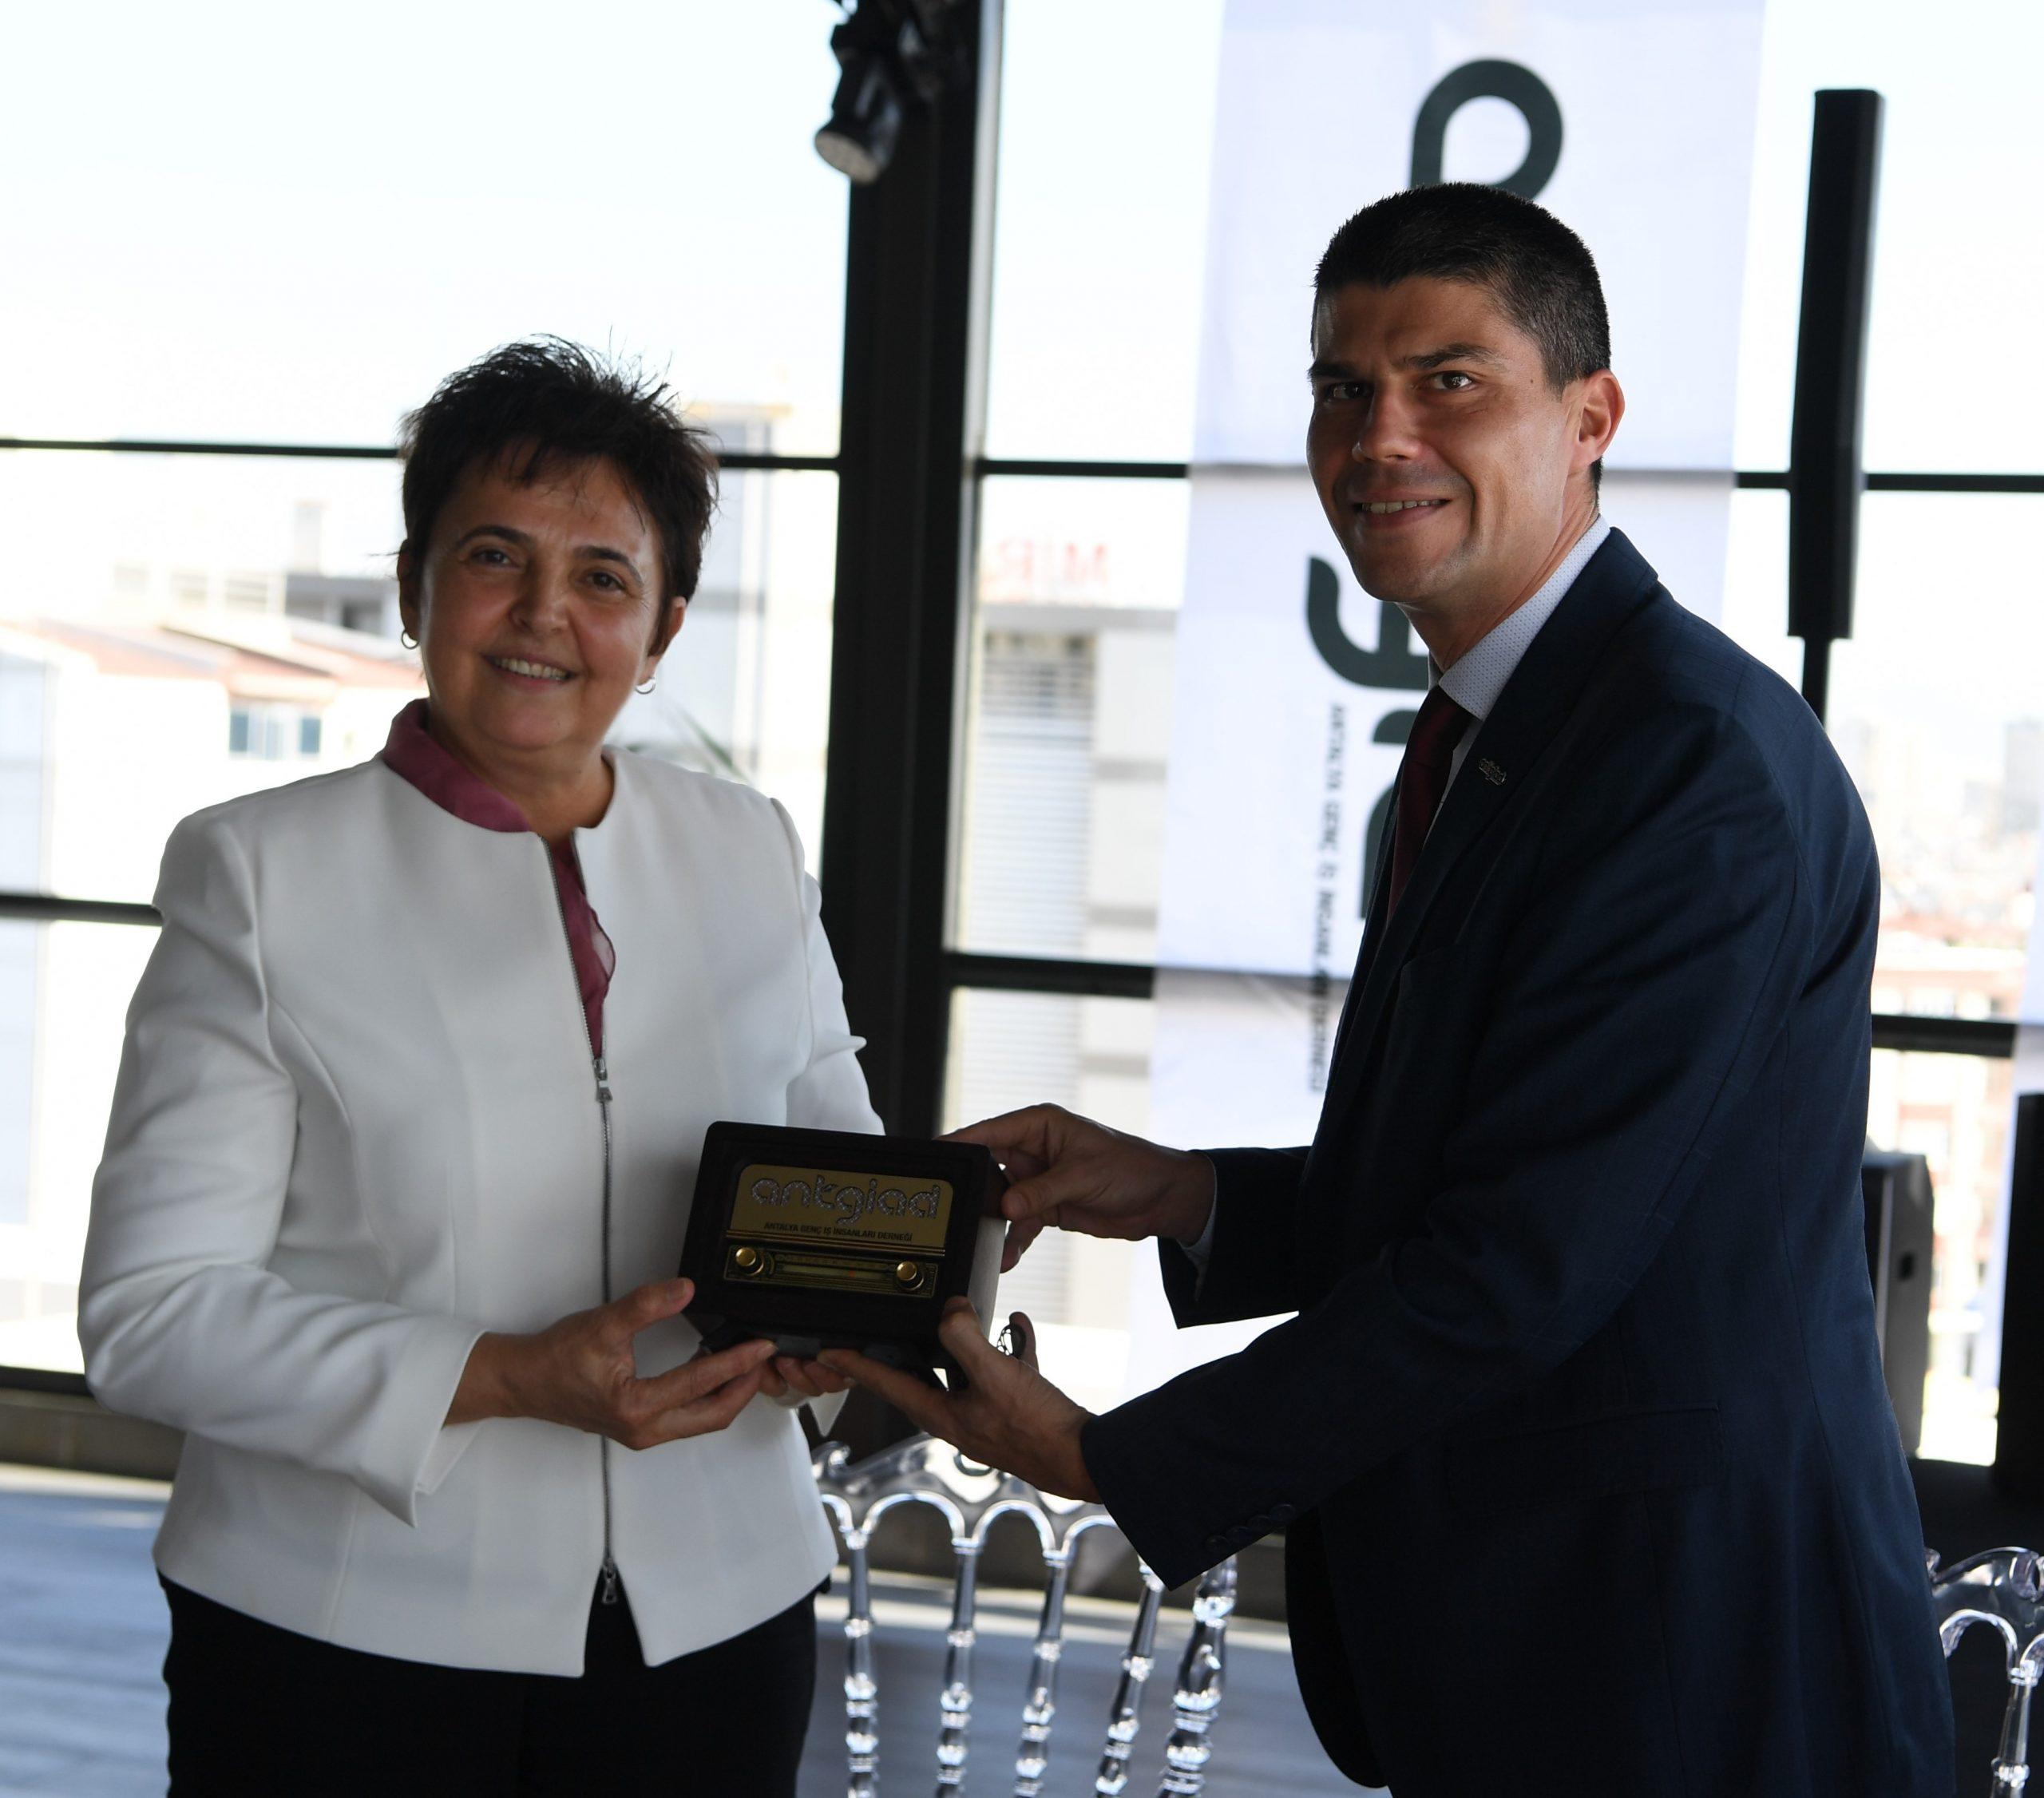 ANTGİAD Başkanı Osman Sert: Antalya'nın gençlerle yükselecek bir kent olmasına çaba gösteriyoruz